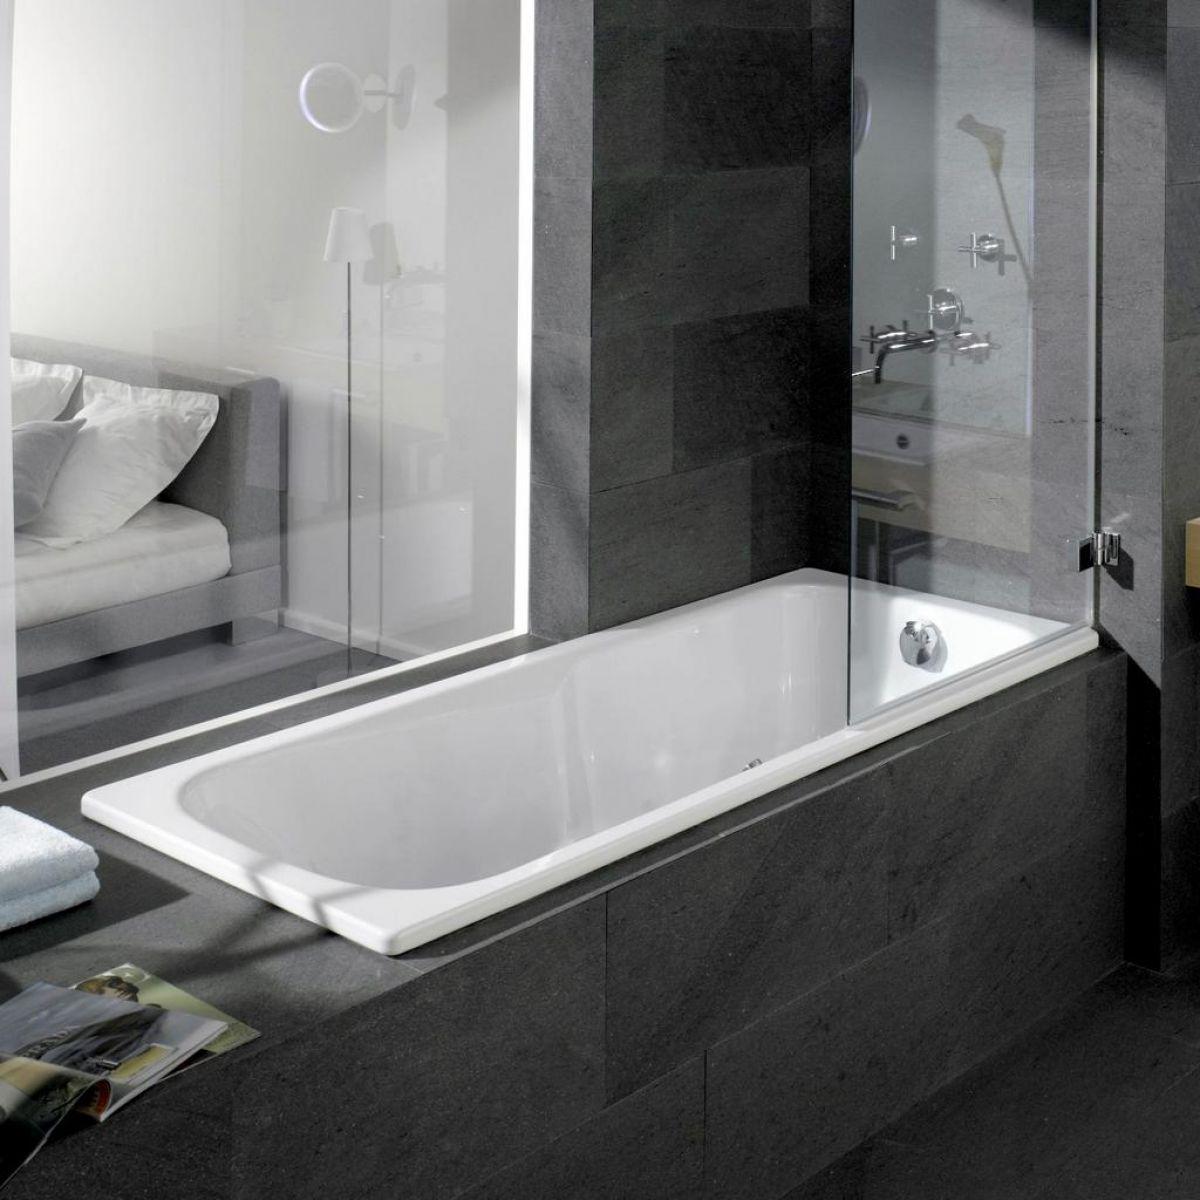 kaldewei dyna set steel bath uk bathrooms. Black Bedroom Furniture Sets. Home Design Ideas